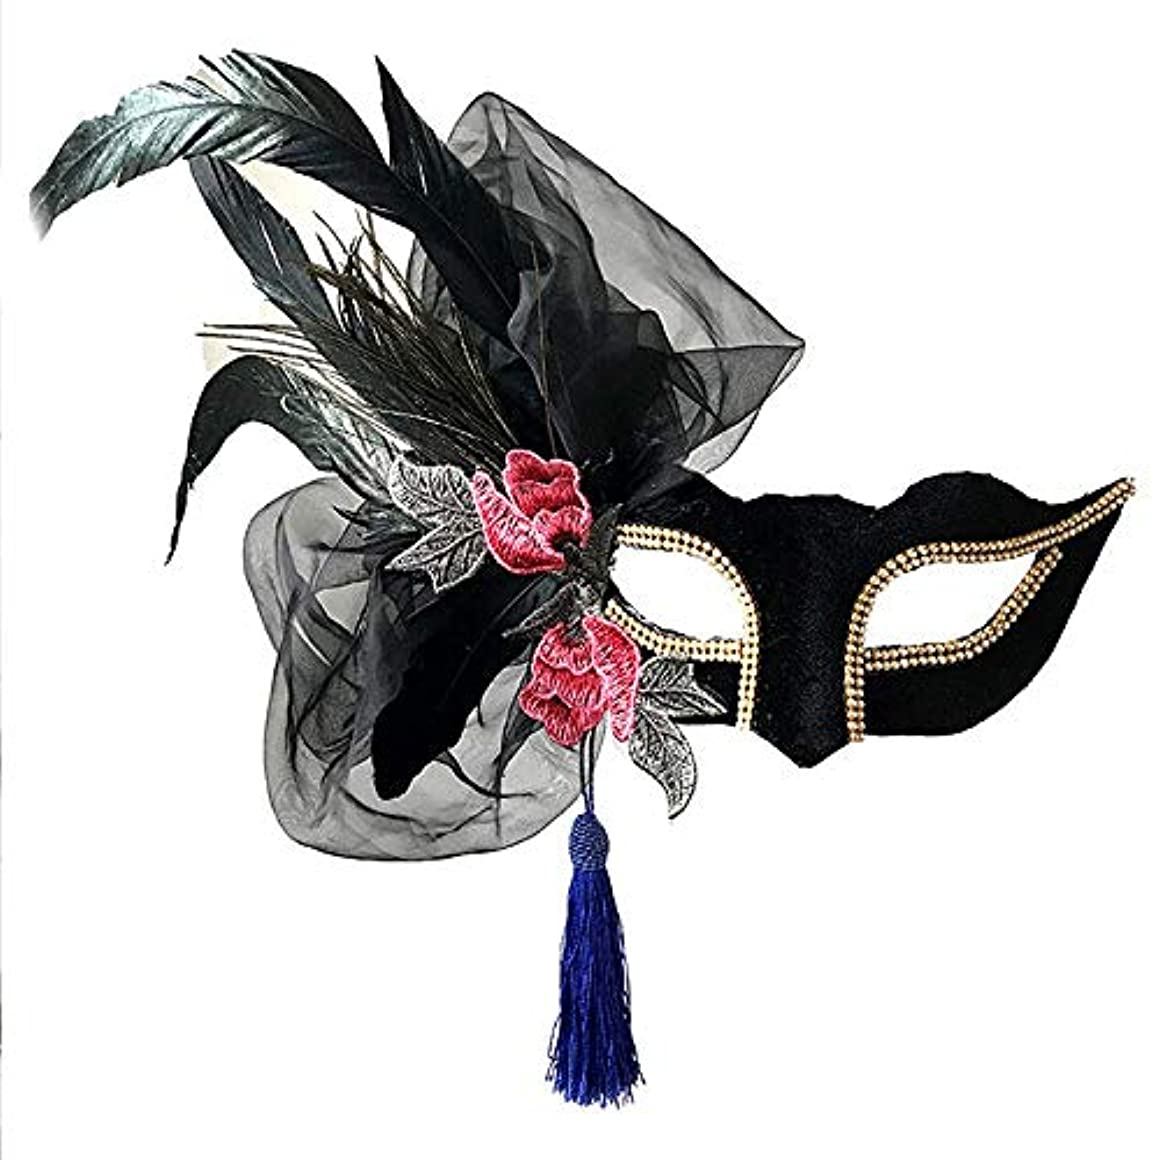 サイトライン雇用破壊的なNanle Halloween Ornate Blackコロンビーナフェザーマスク